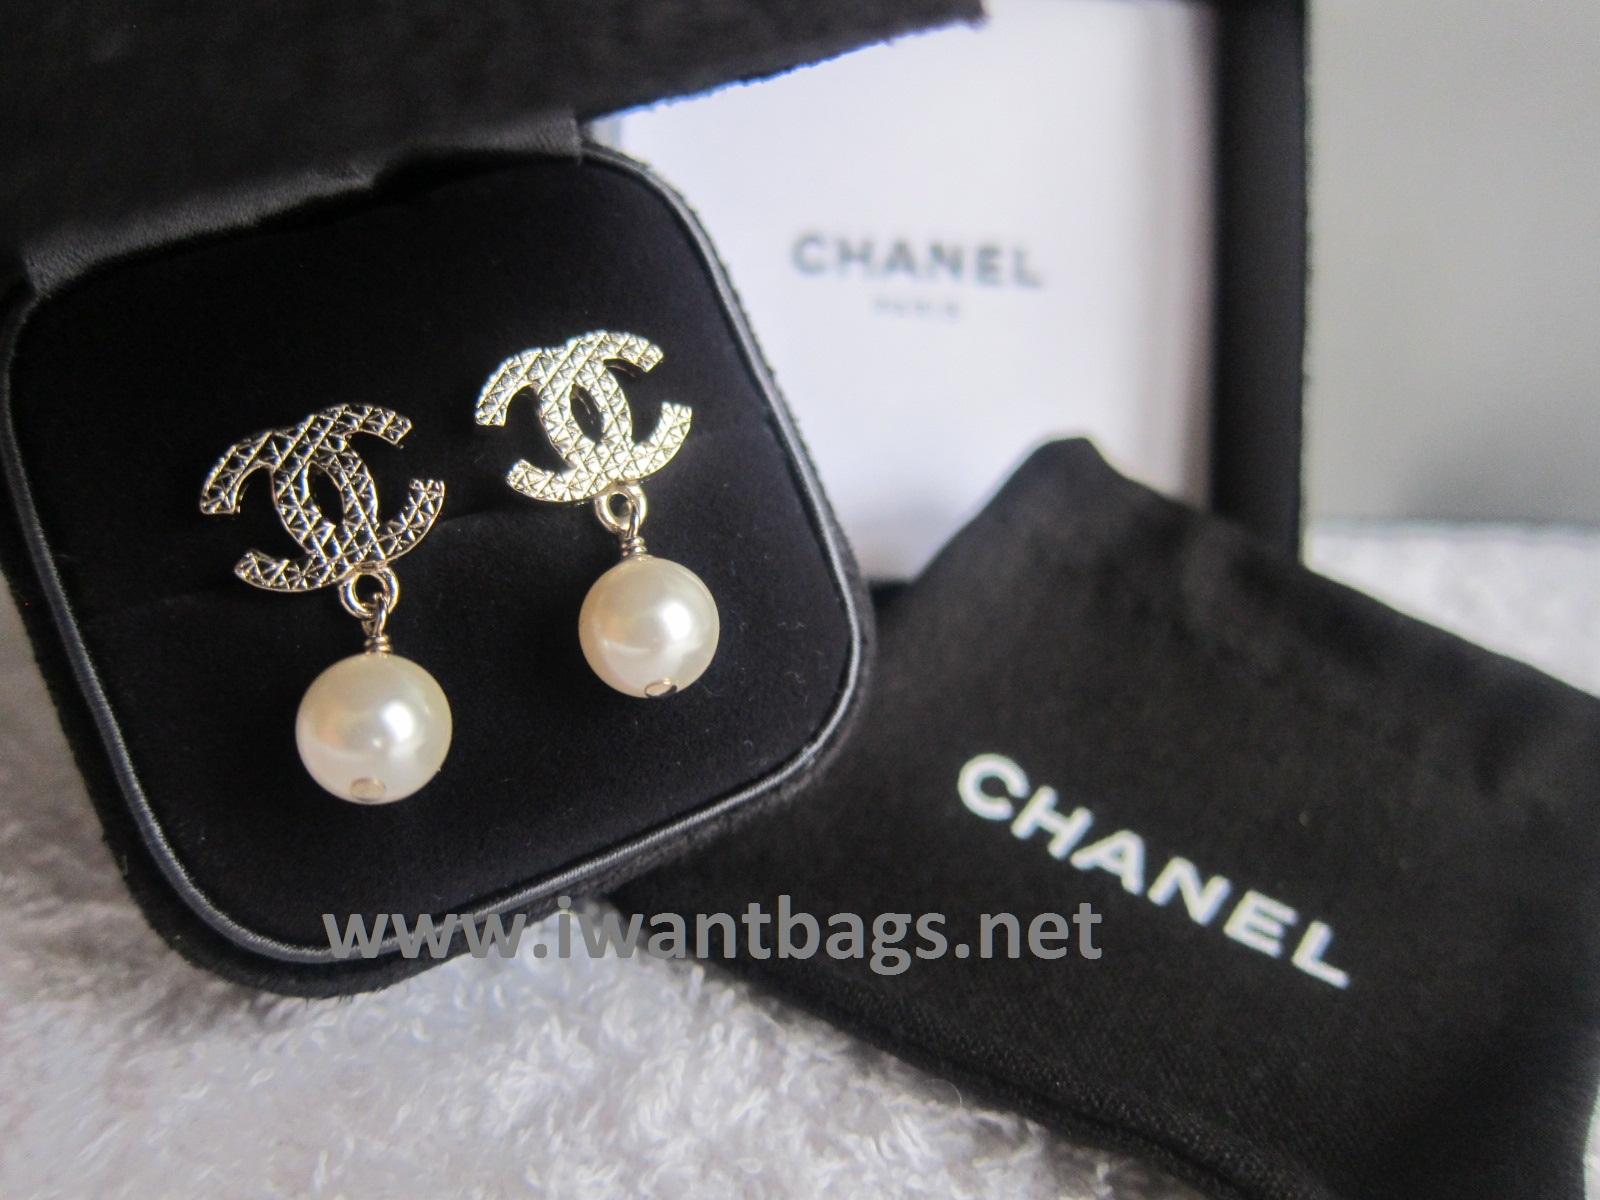 Chanel earrings in macys ny